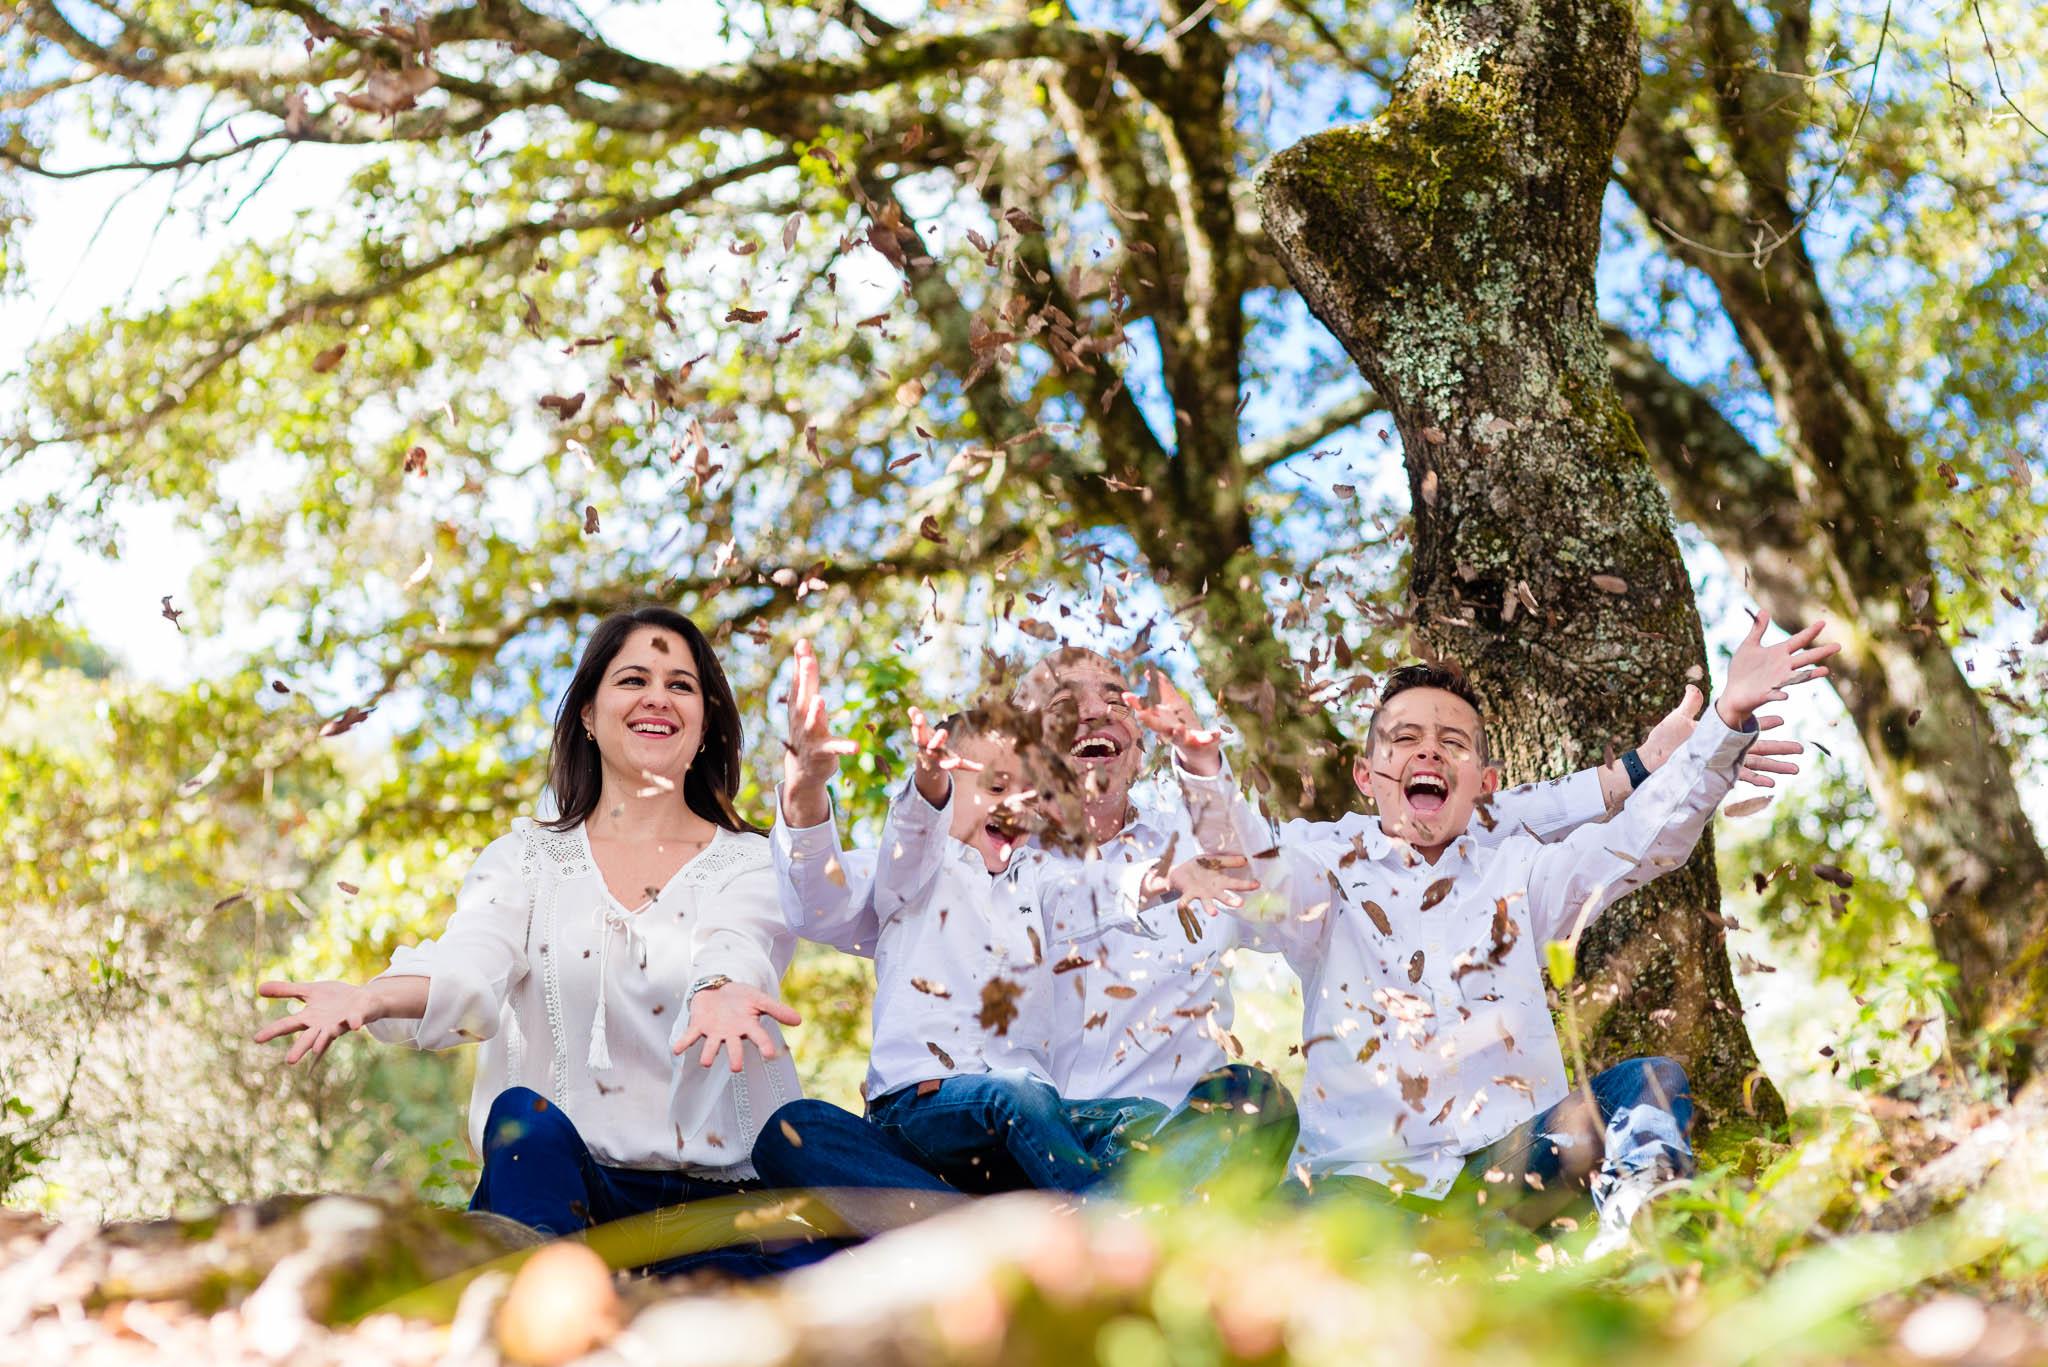 sesion familiar fotografia de familia fotos de familia fotografo san luis potosi luz escrita 25